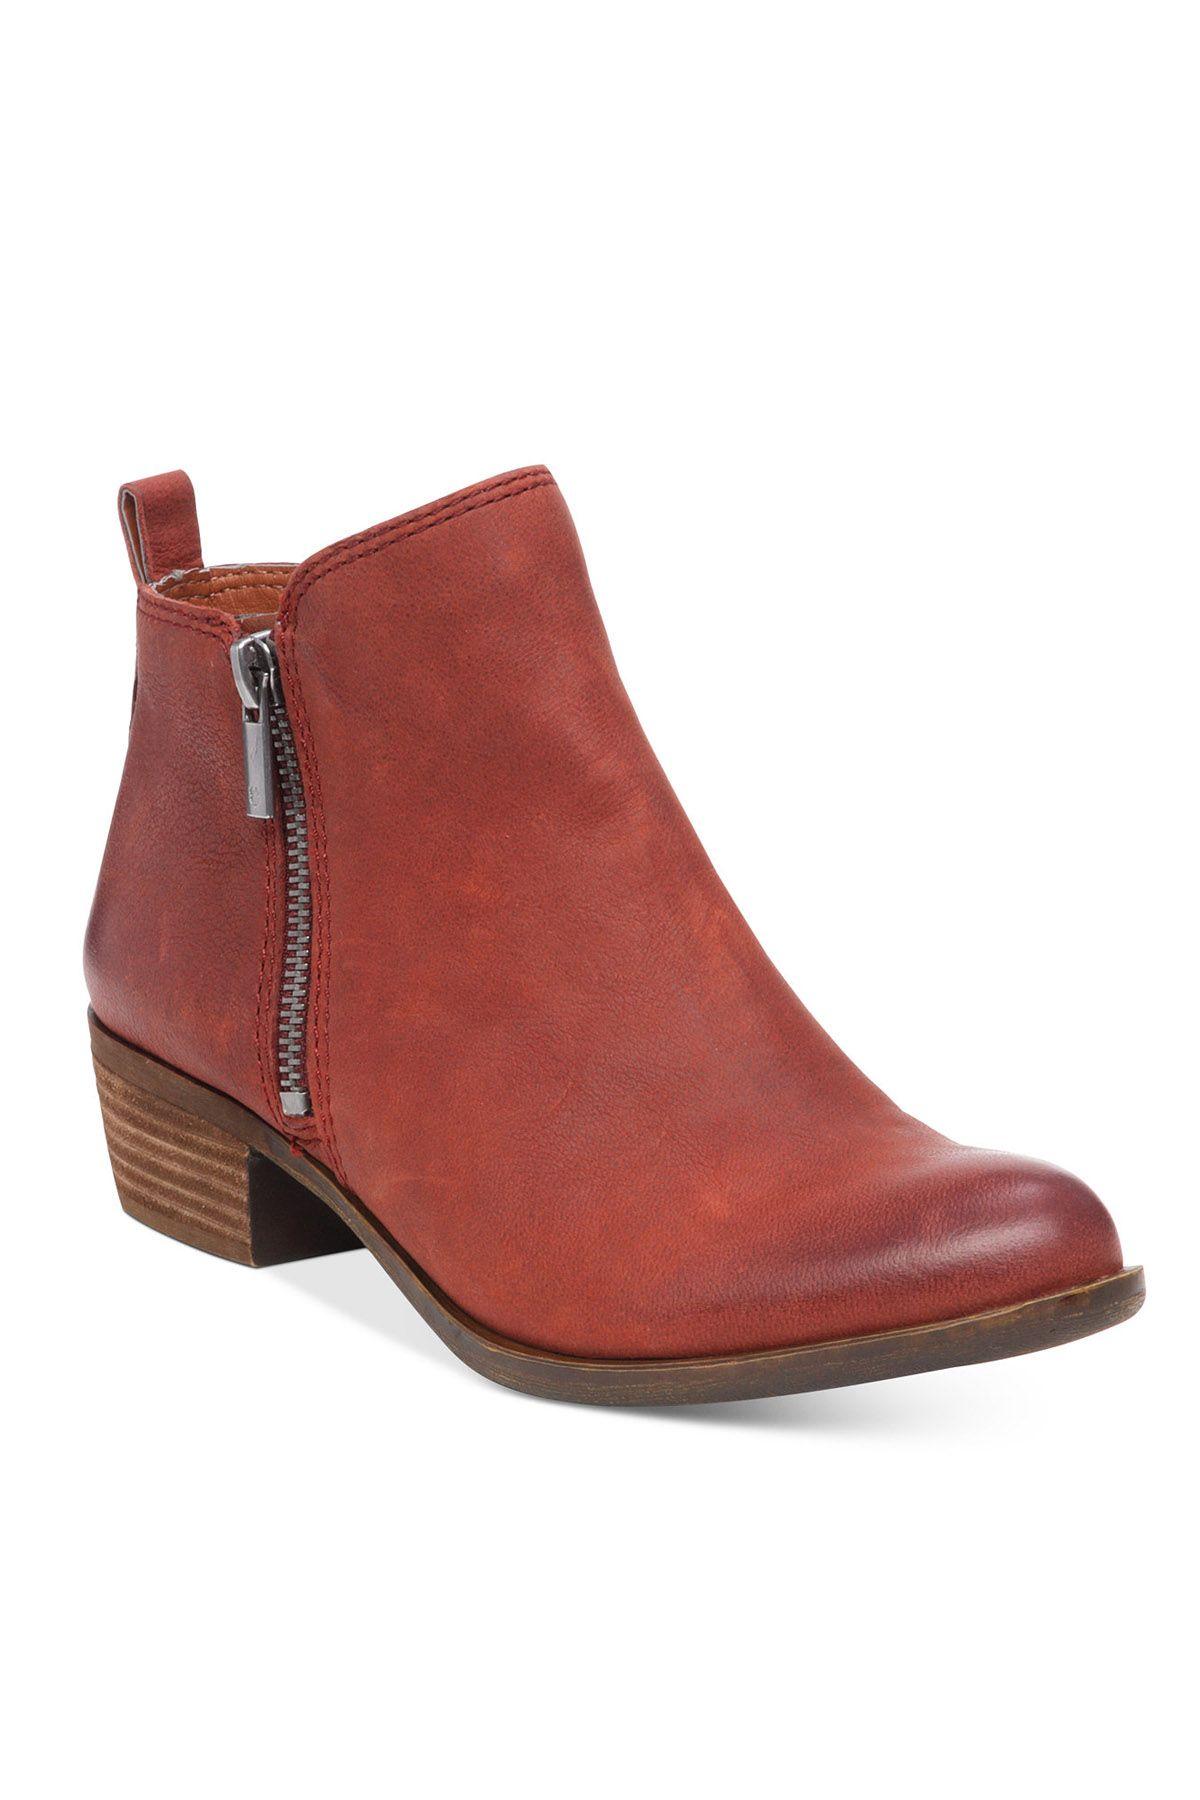 Fall Boots - Lucky Brand Women's Basel Boot